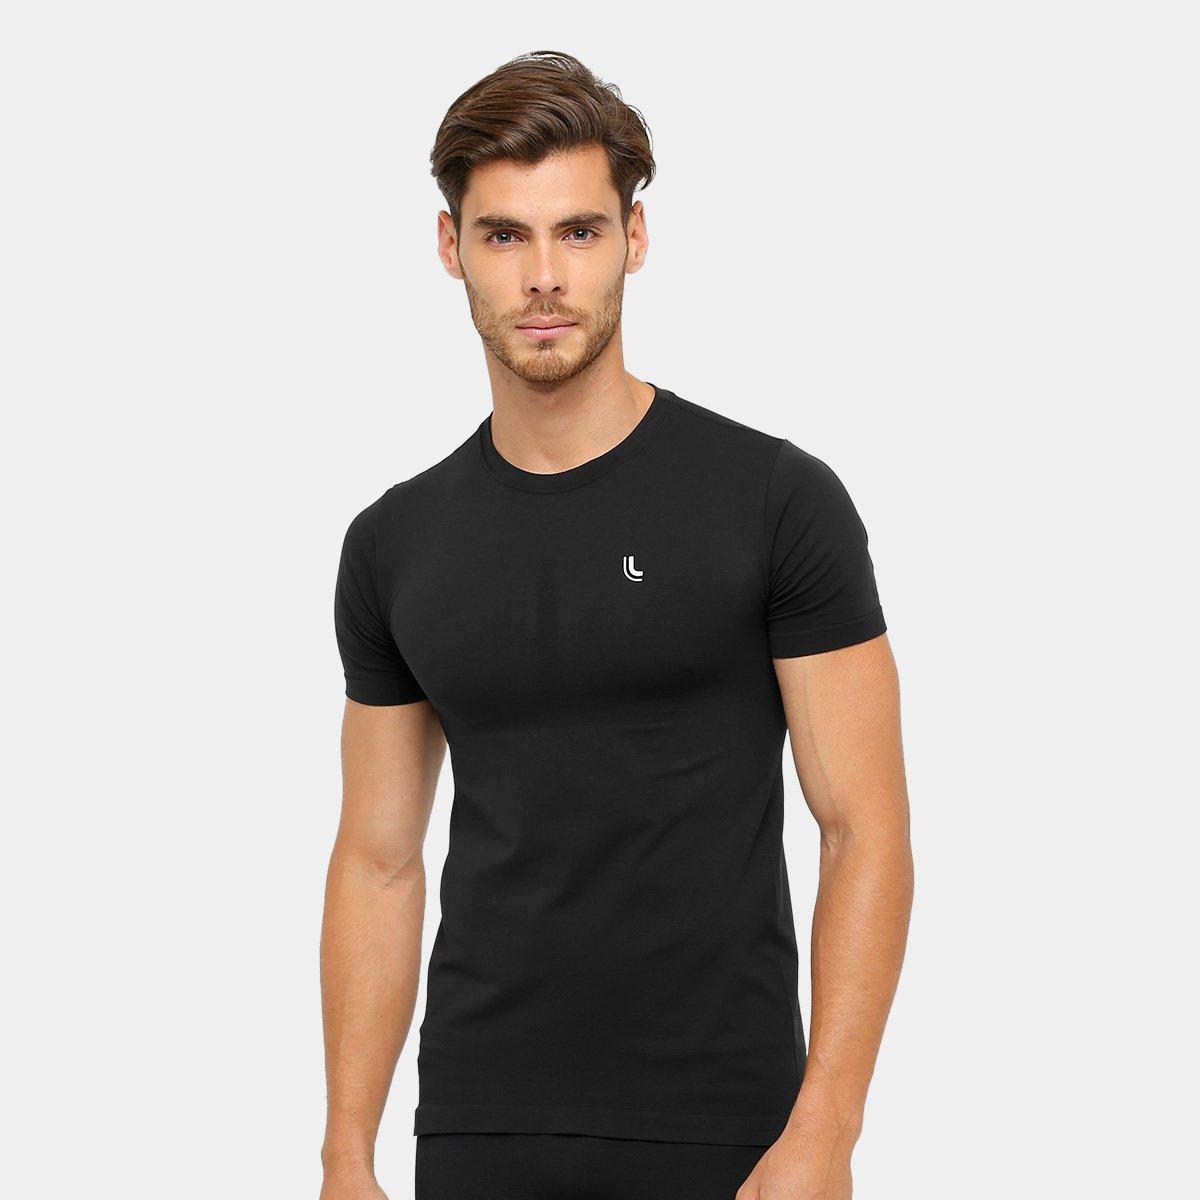 71ea64f1adb05 Camiseta de Compressão Lupo Sport I-Power - Preto - Compre Agora ...